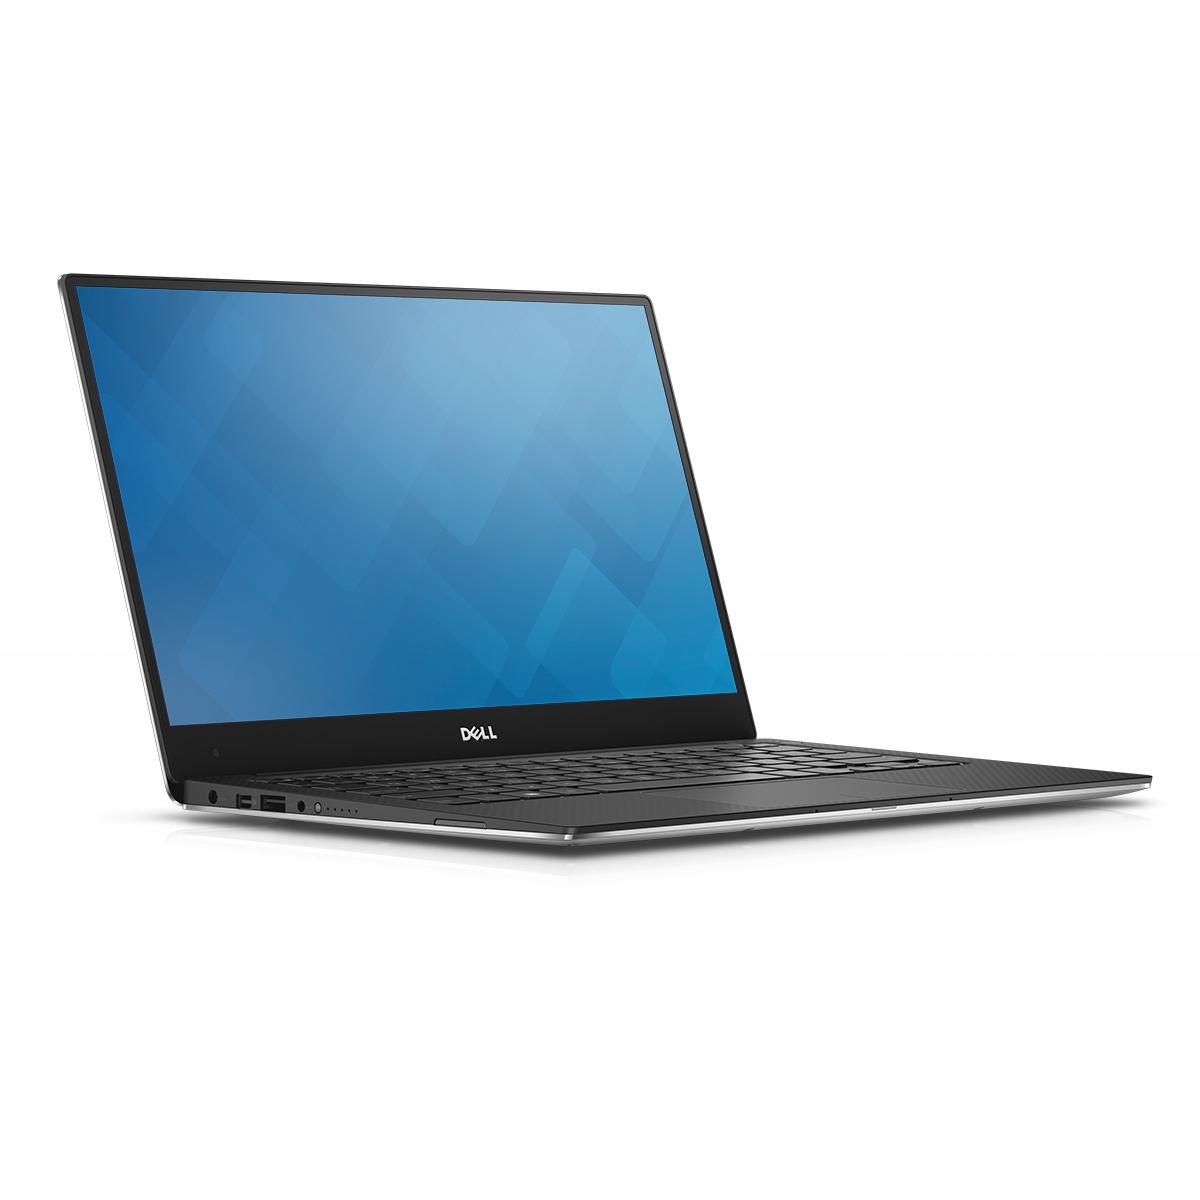 Dell_XPS13.jpg